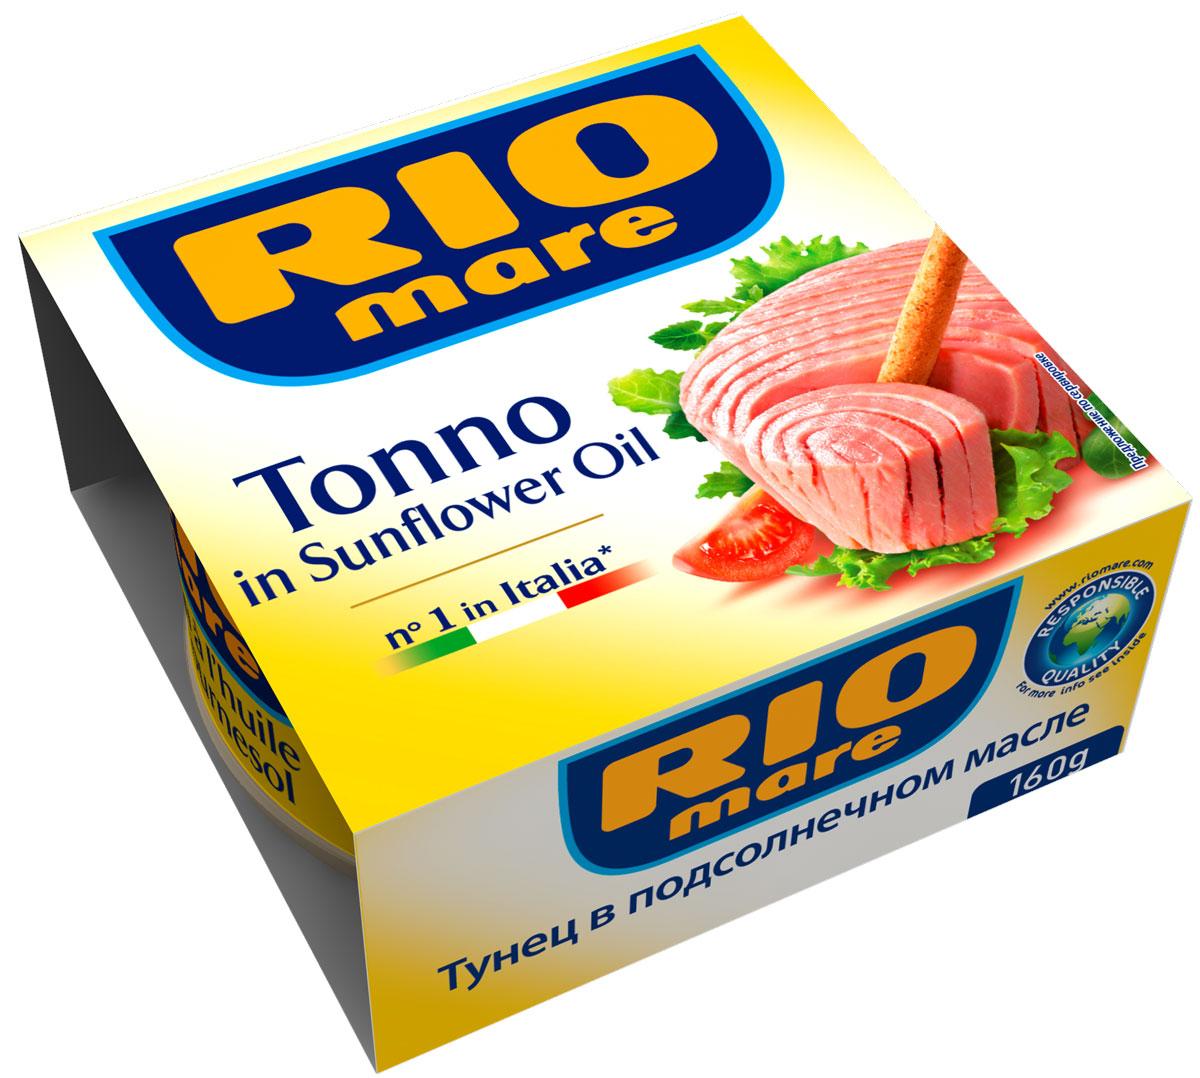 Rio Mare тунец в подсолнечном масле, 160 ггрс016Идеальное сочетание уникального вкуса тунца Rio Mare с нежным вкусом подсолнечного масла.Идеально подходит для всех рецептов, от пасты до свежих и вкусных салатов. Его легкий вкус идеально подходит для каждого блюда, что делает этот продукт чрезвычайно универсальным.Идеально подходит для самых популярных блюд, особенно для сэндвичей и пиццы.